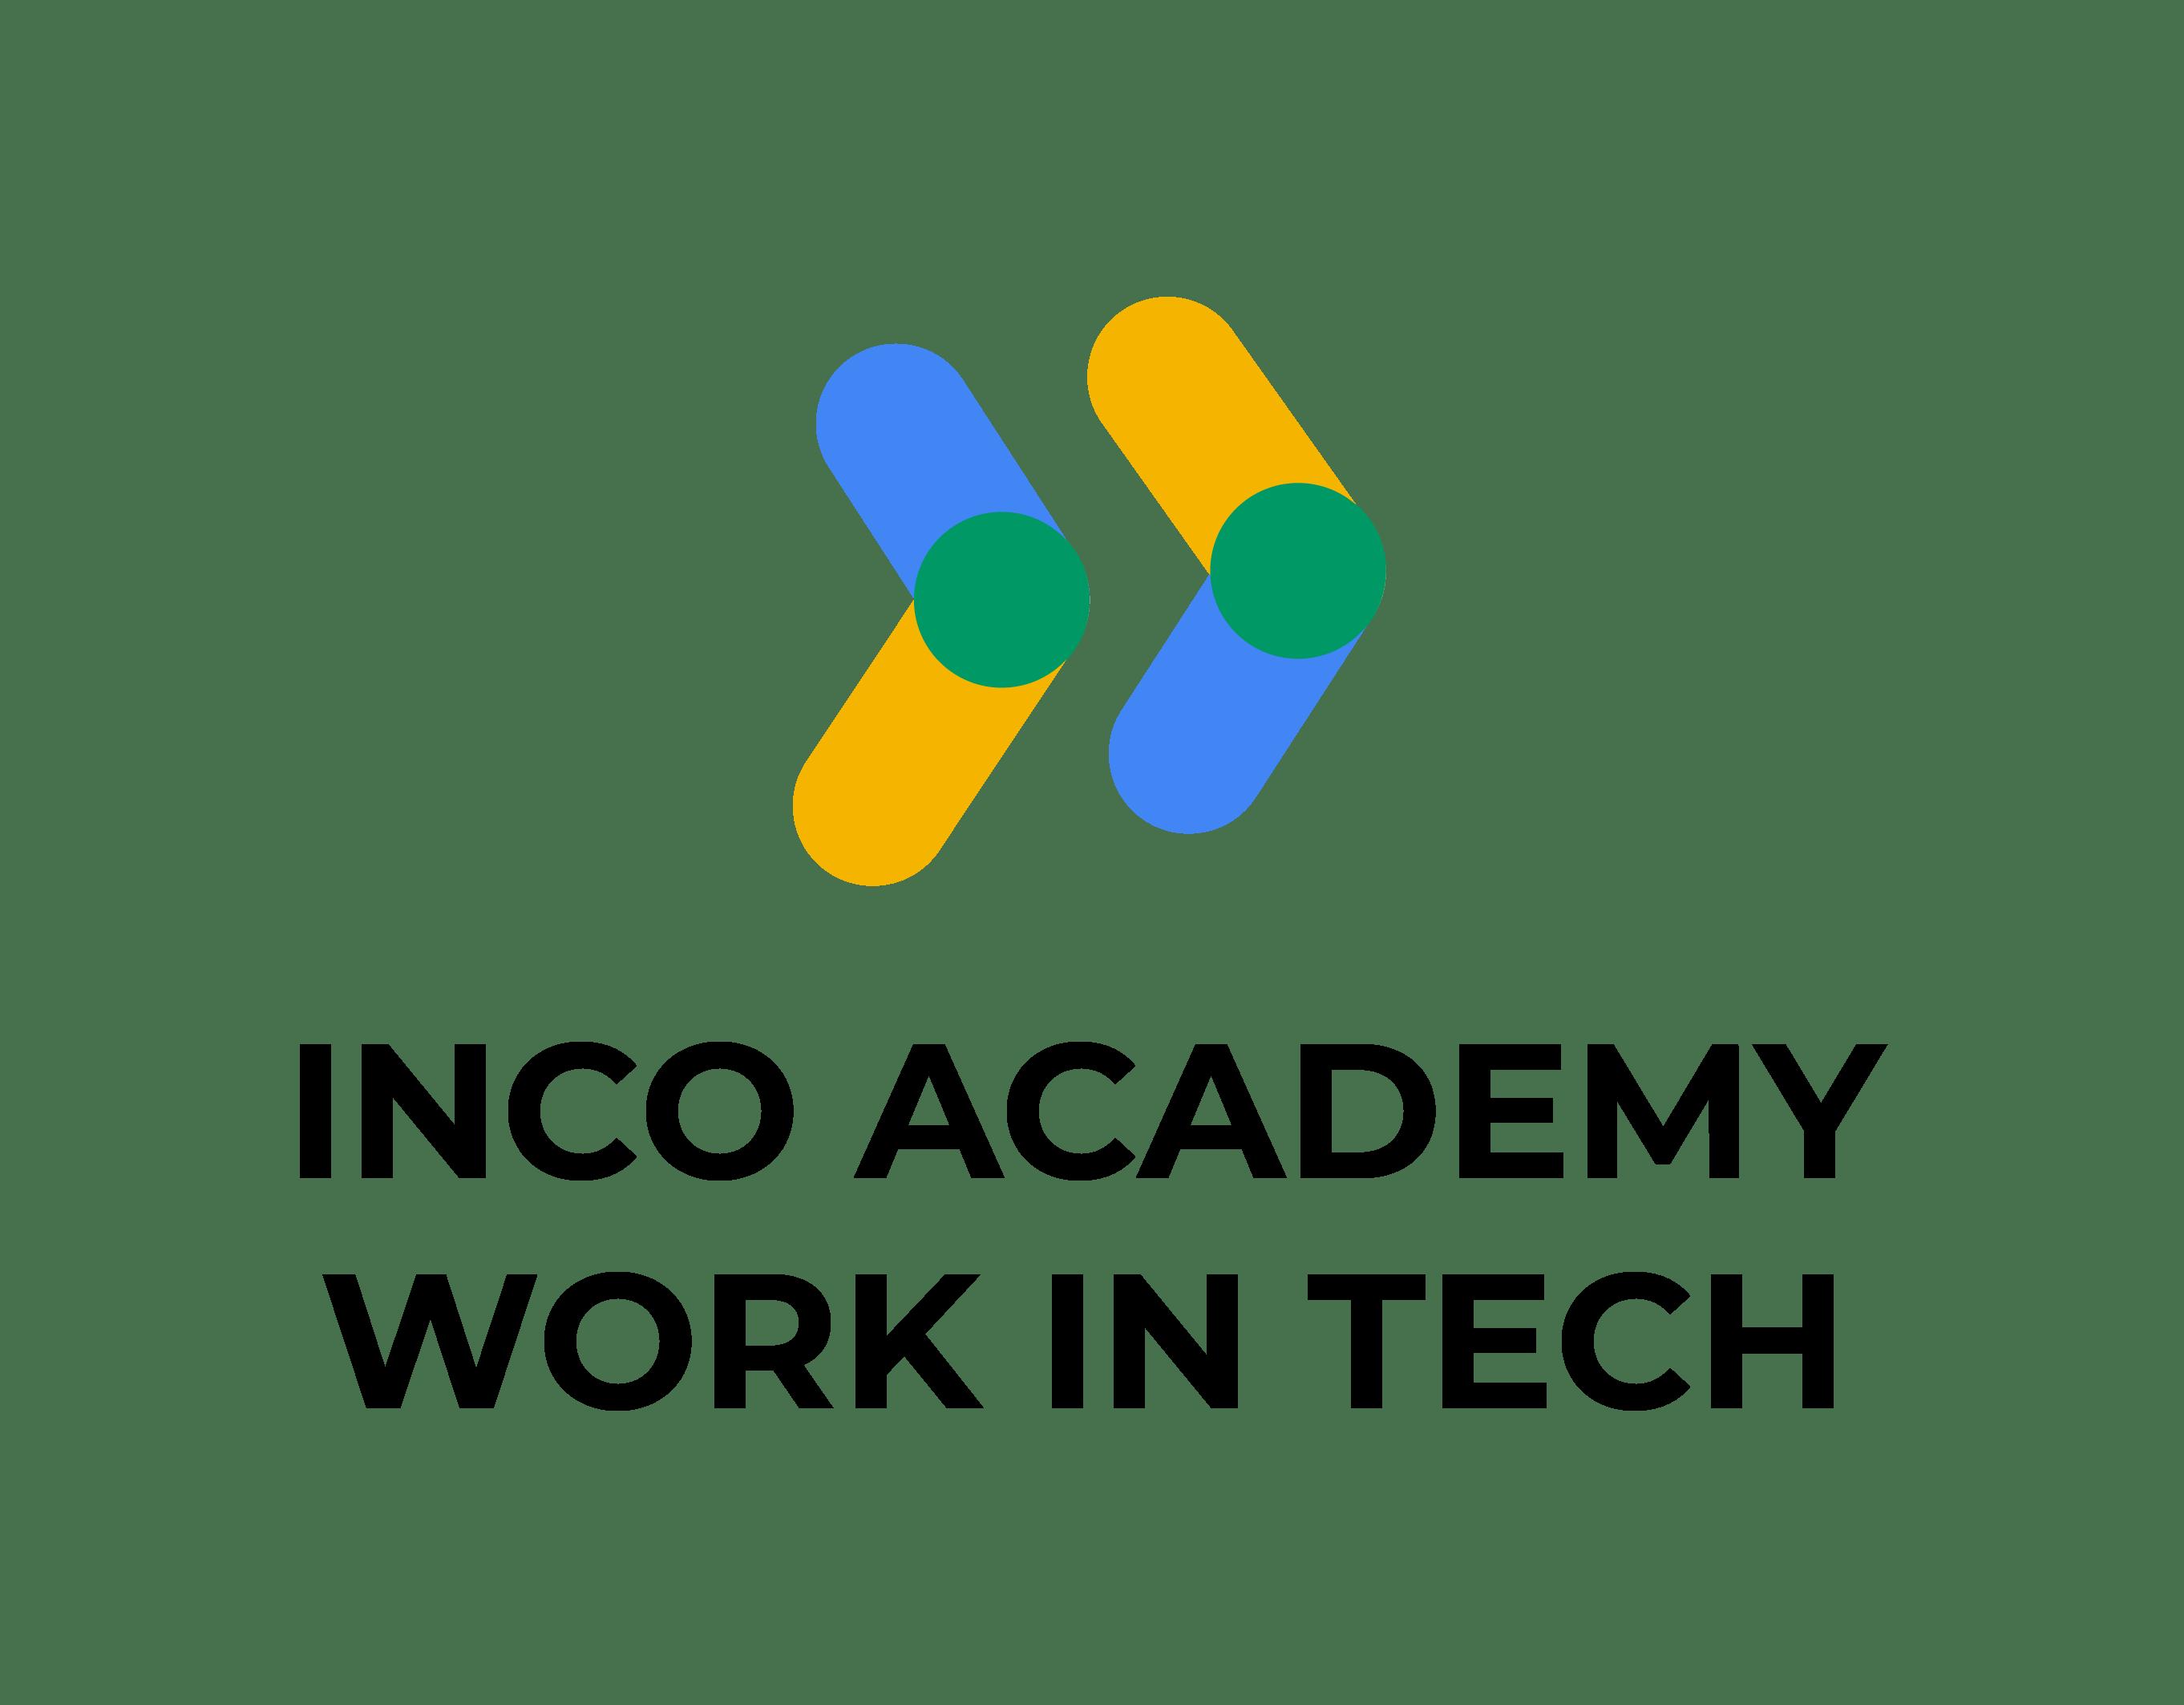 INCO Academy